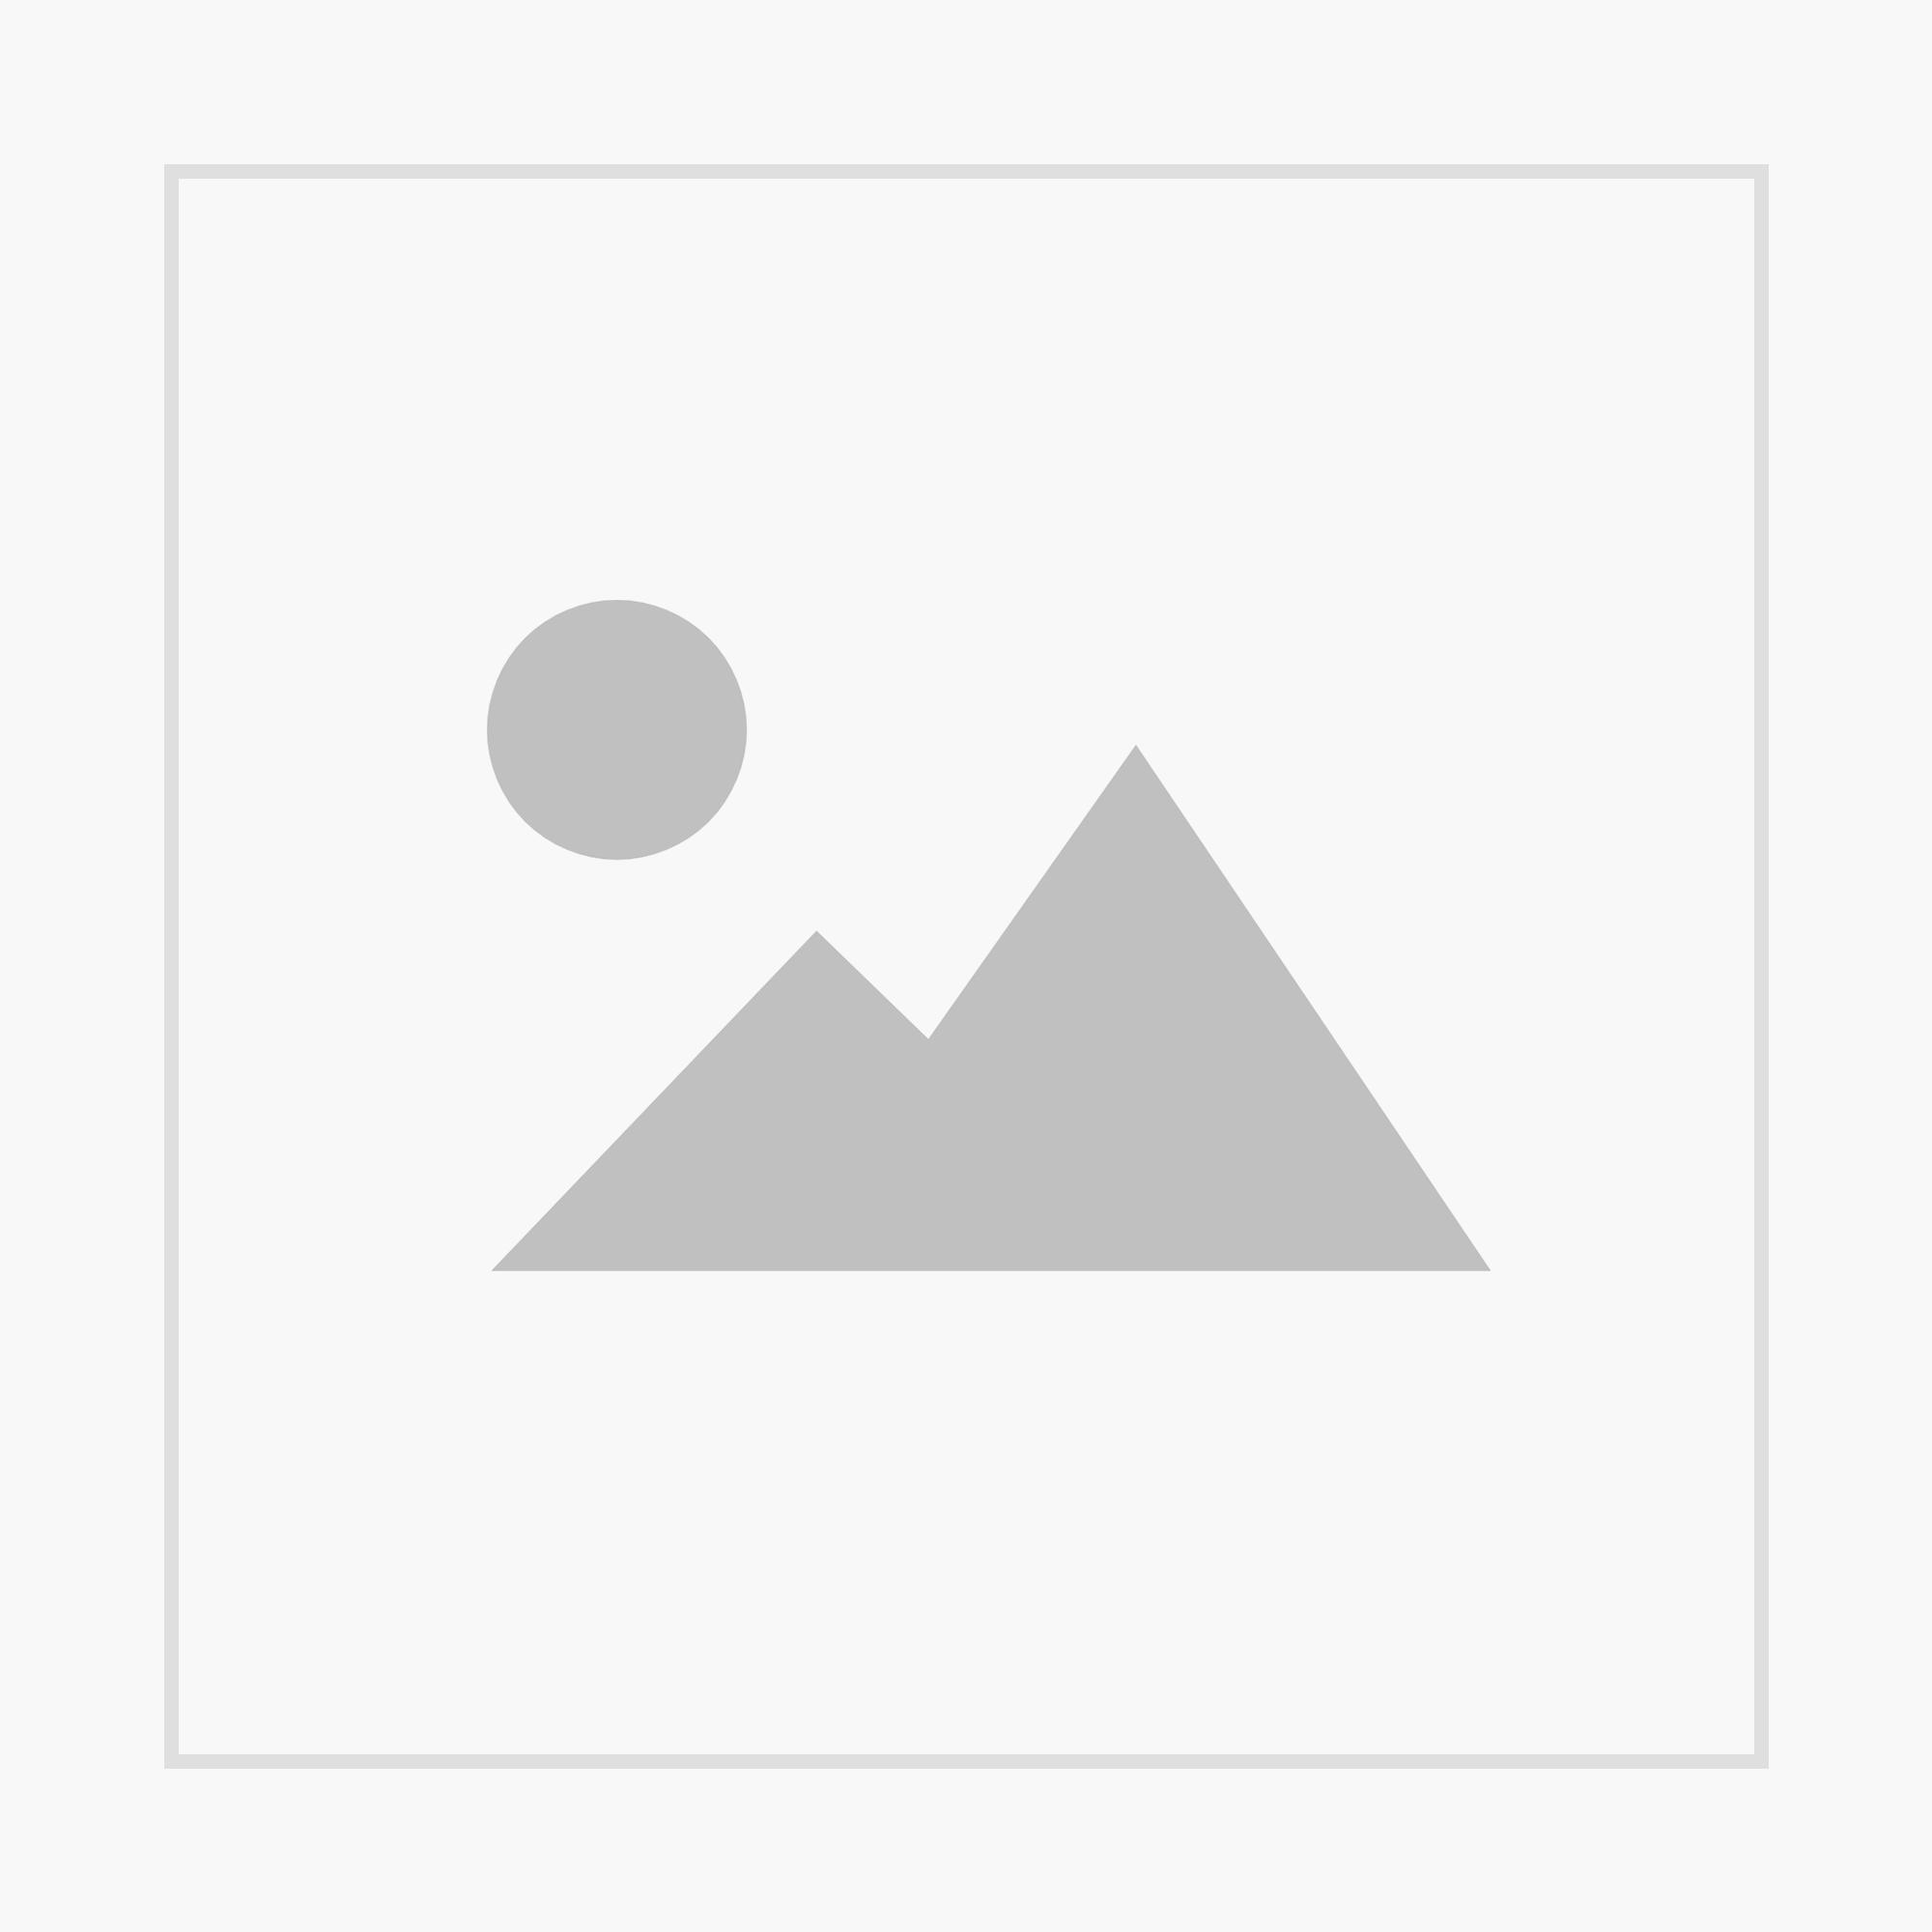 ALÖ Heft 28: Beurteilungskriterien für die Auswirkungen des Bundeswasserstraßenausbaus auf Natur und Landschaft